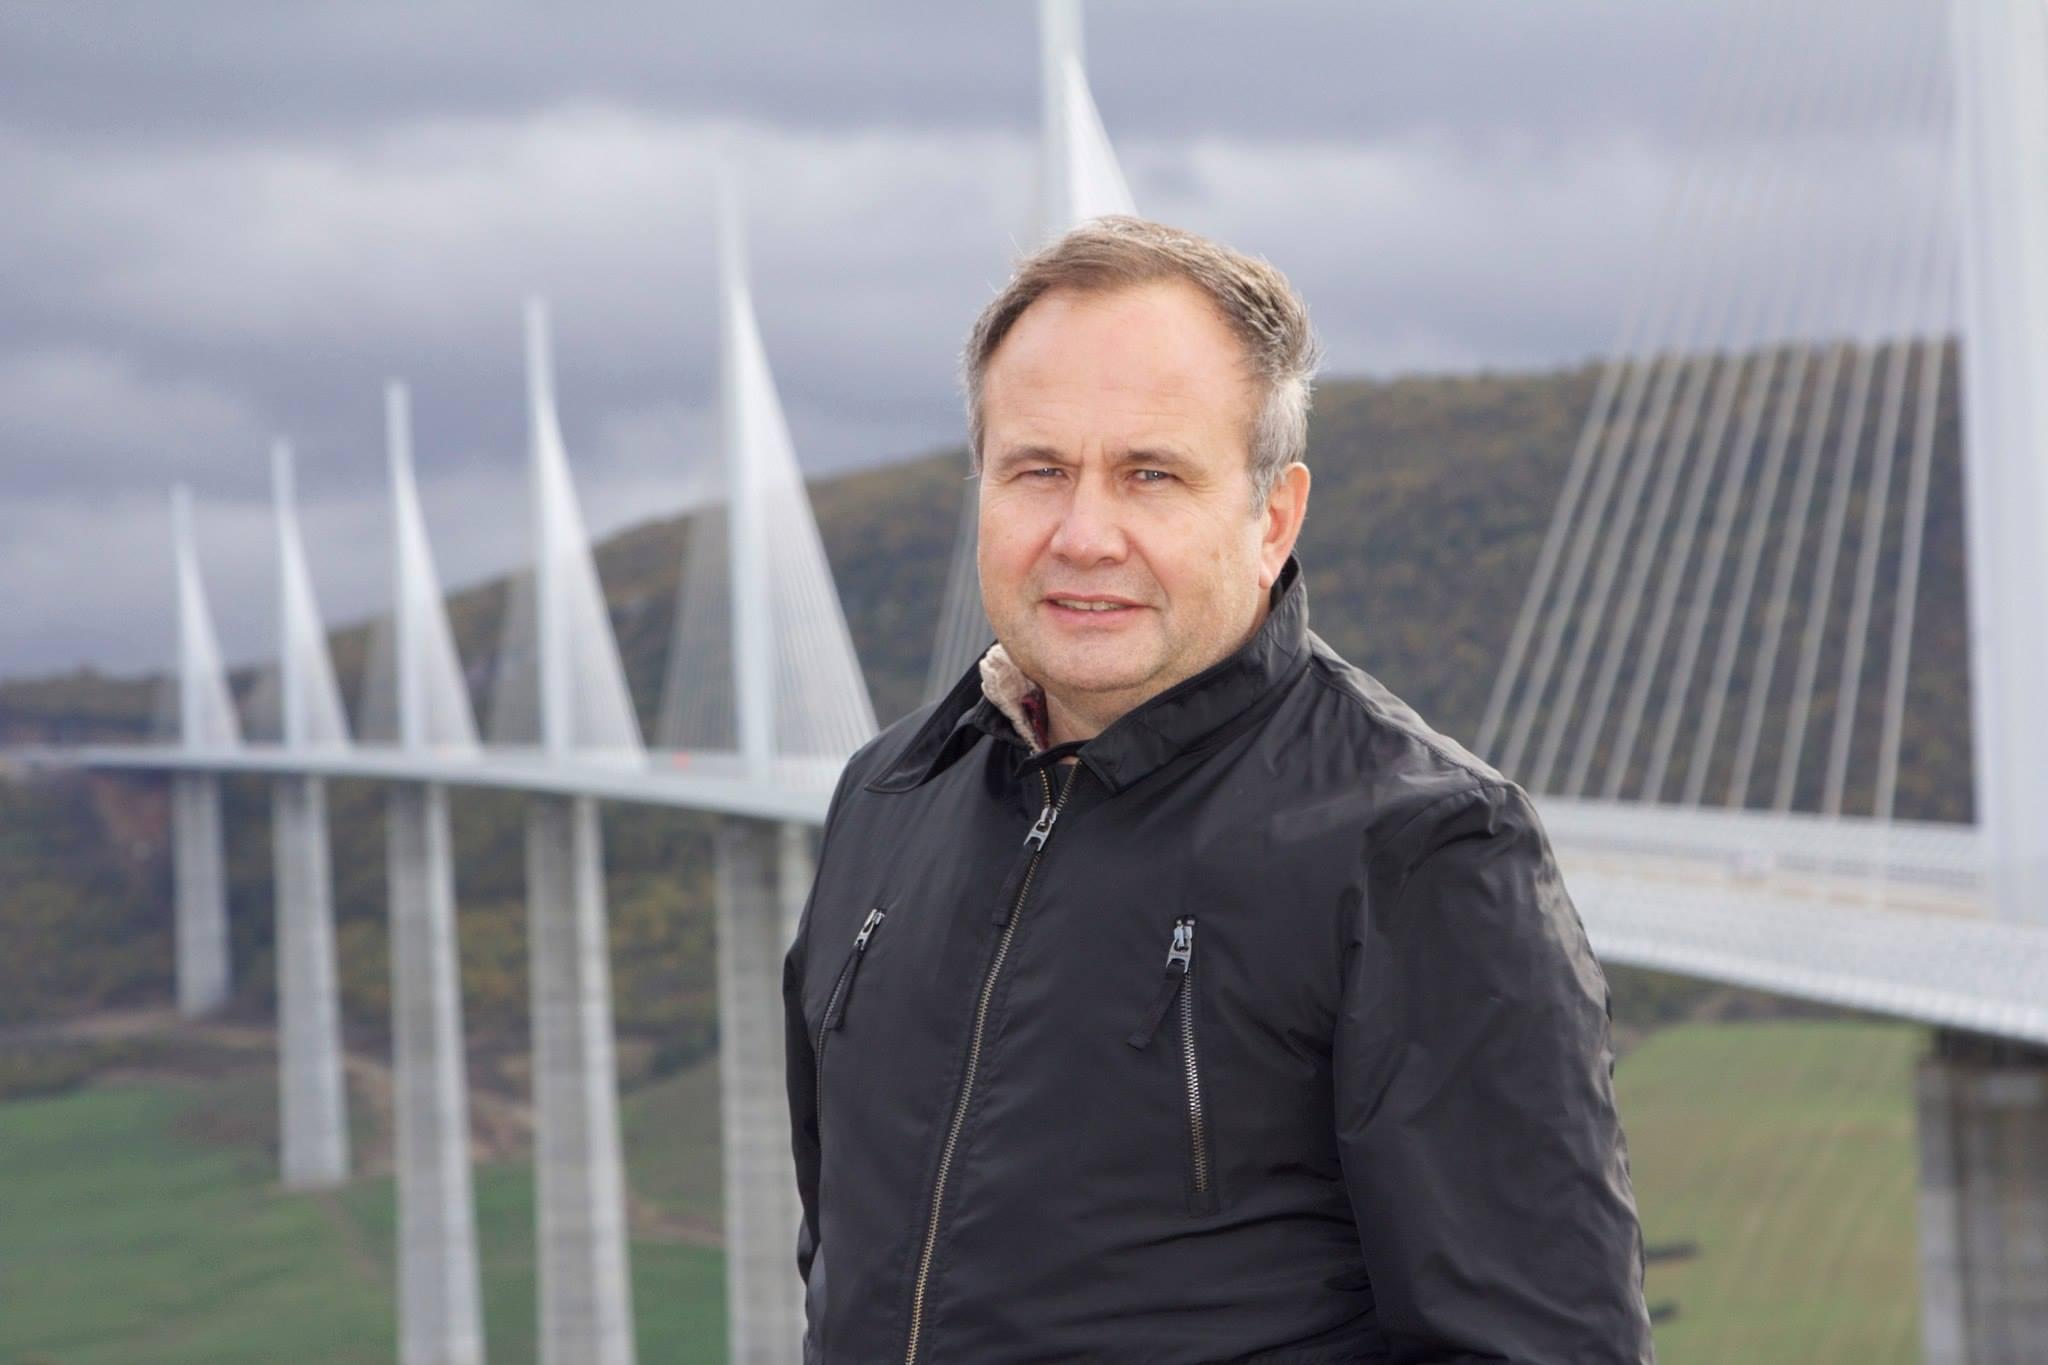 Олег Чиркунов сначала возглавлял Пермскую область, а затем — Пермский край. Фото сделано через пару лет после его ухода с должности губернатора